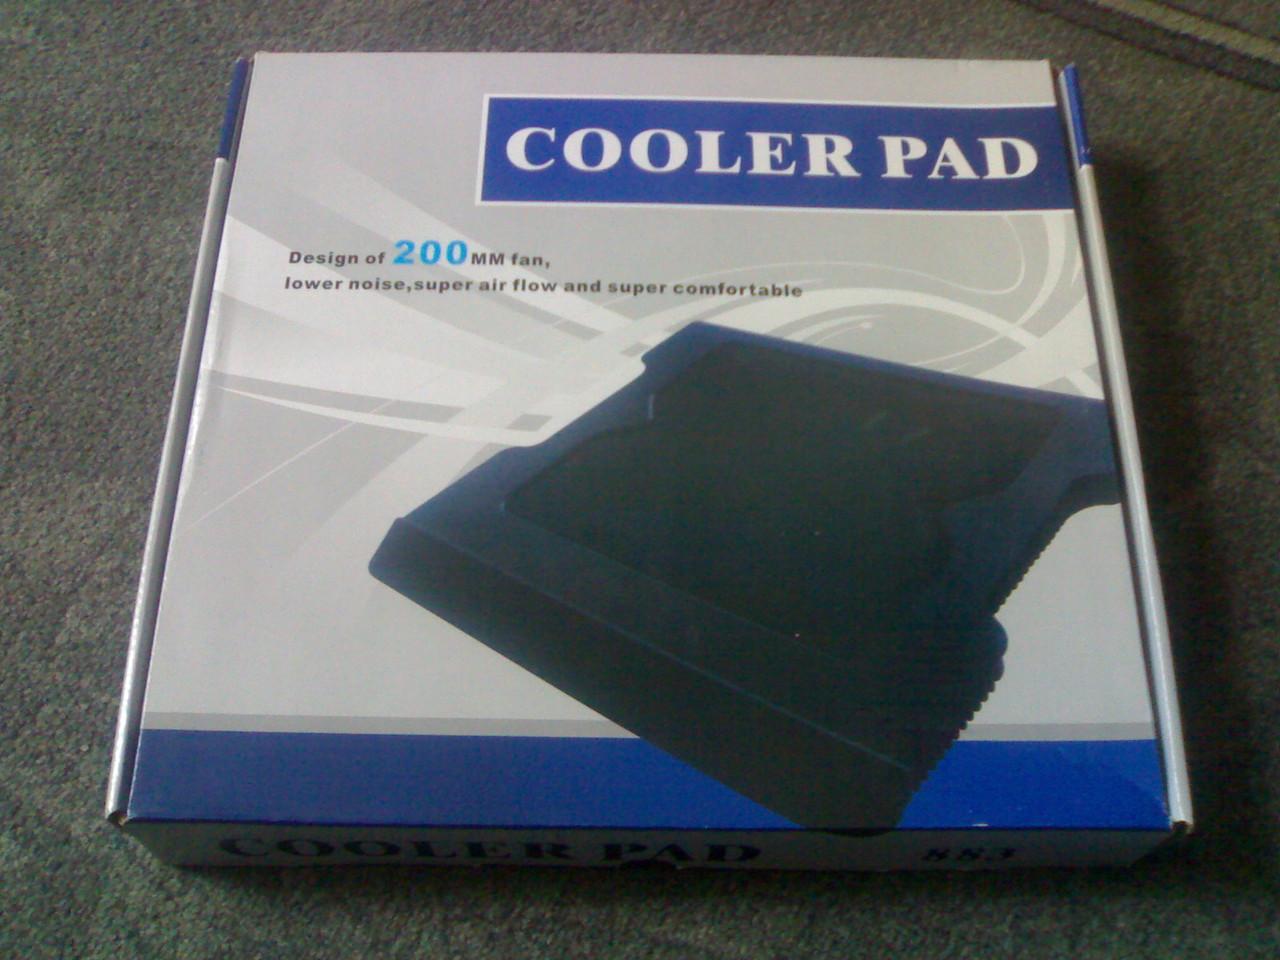 Подставка для ноутбука всех размеров - COOLER PAD., фото 1